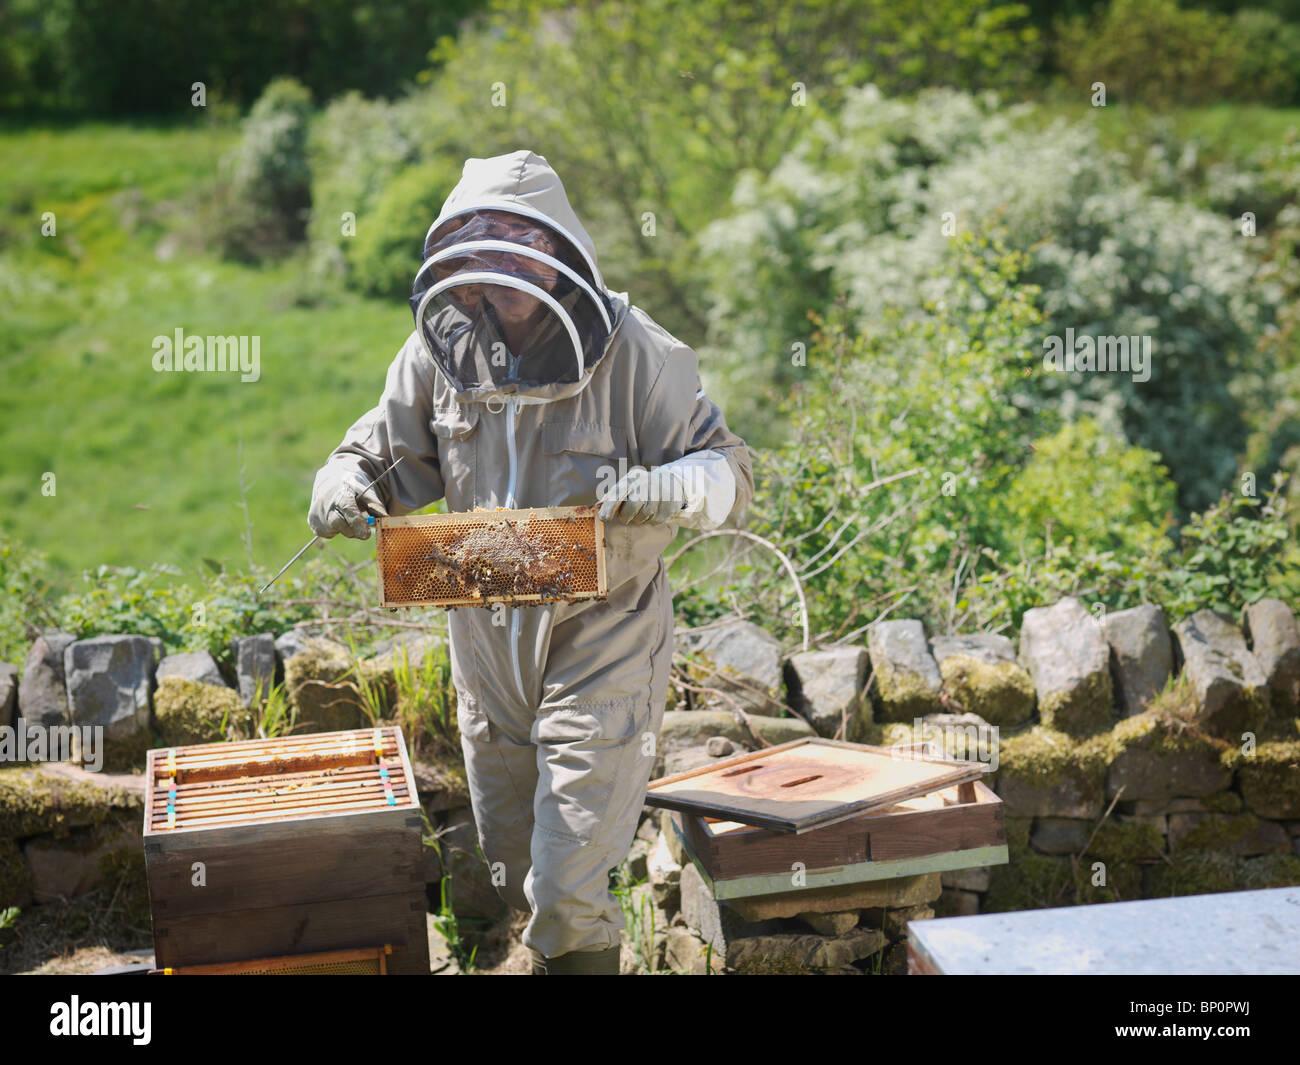 Beekeeper inspect honey combs - Stock Image